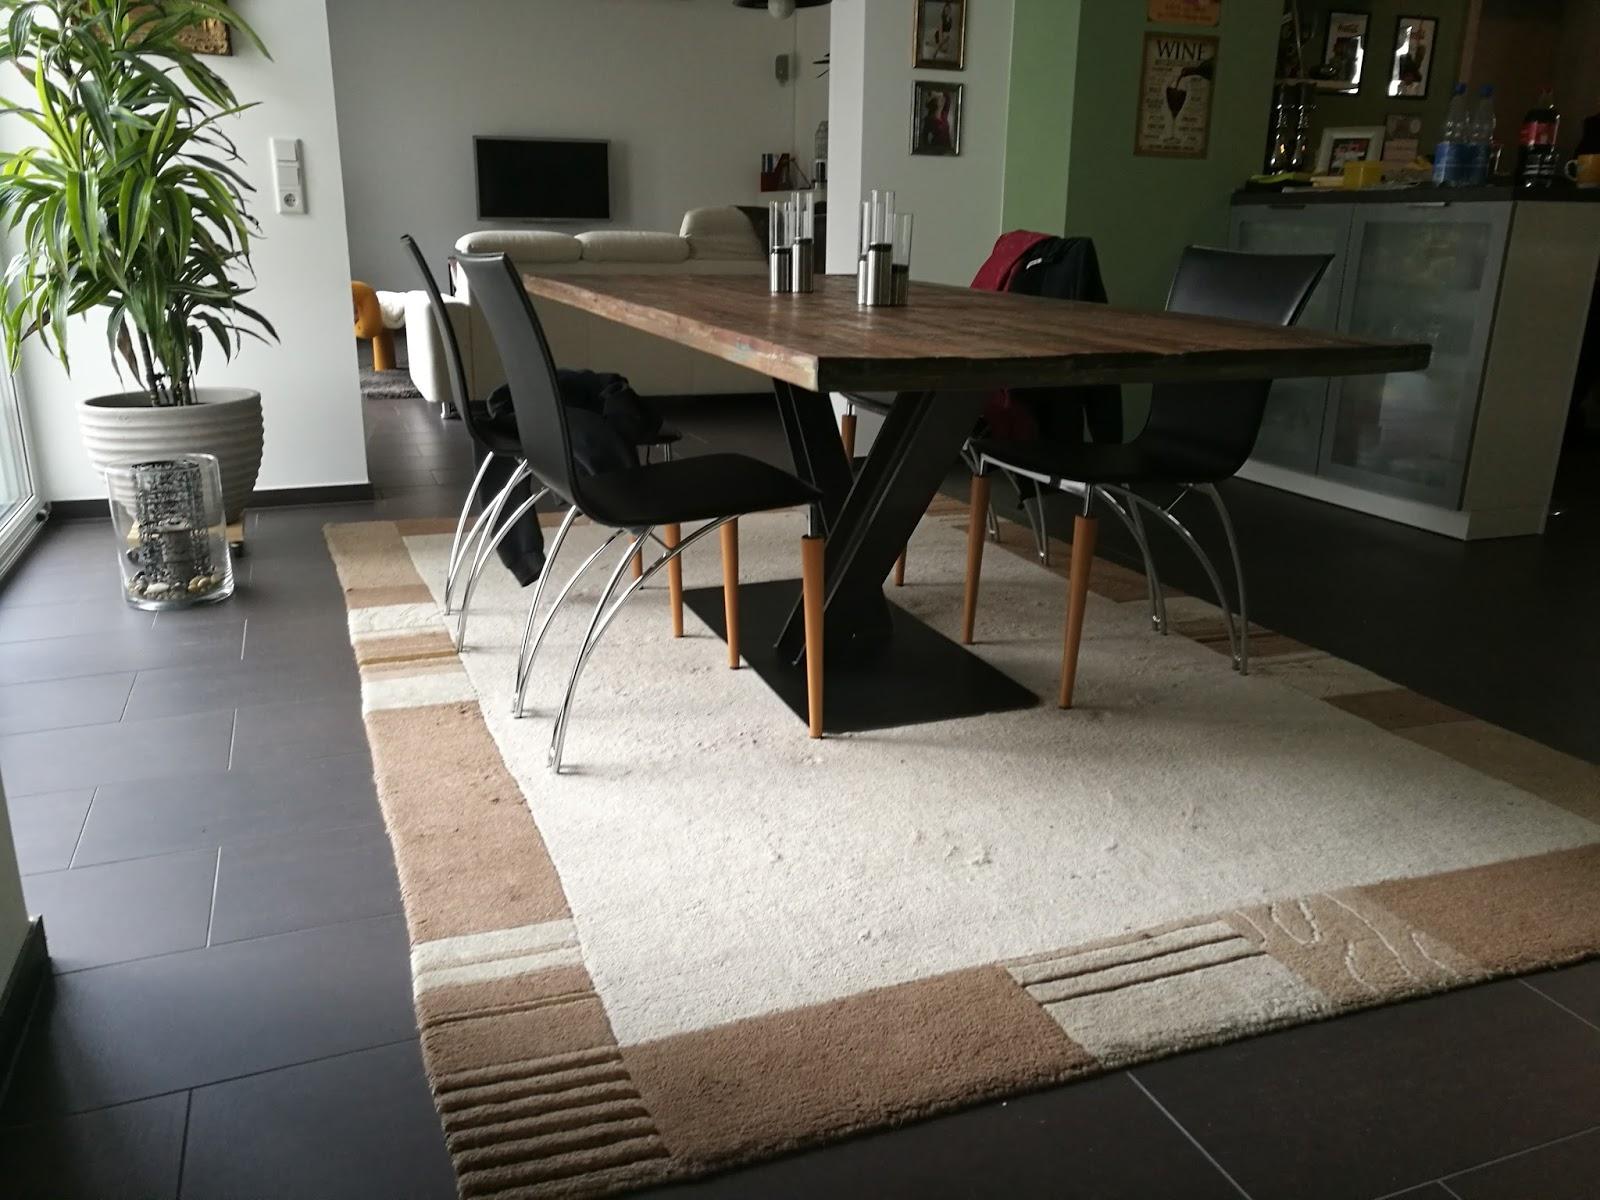 kurzschlussblog tischfu selbst gebaut. Black Bedroom Furniture Sets. Home Design Ideas